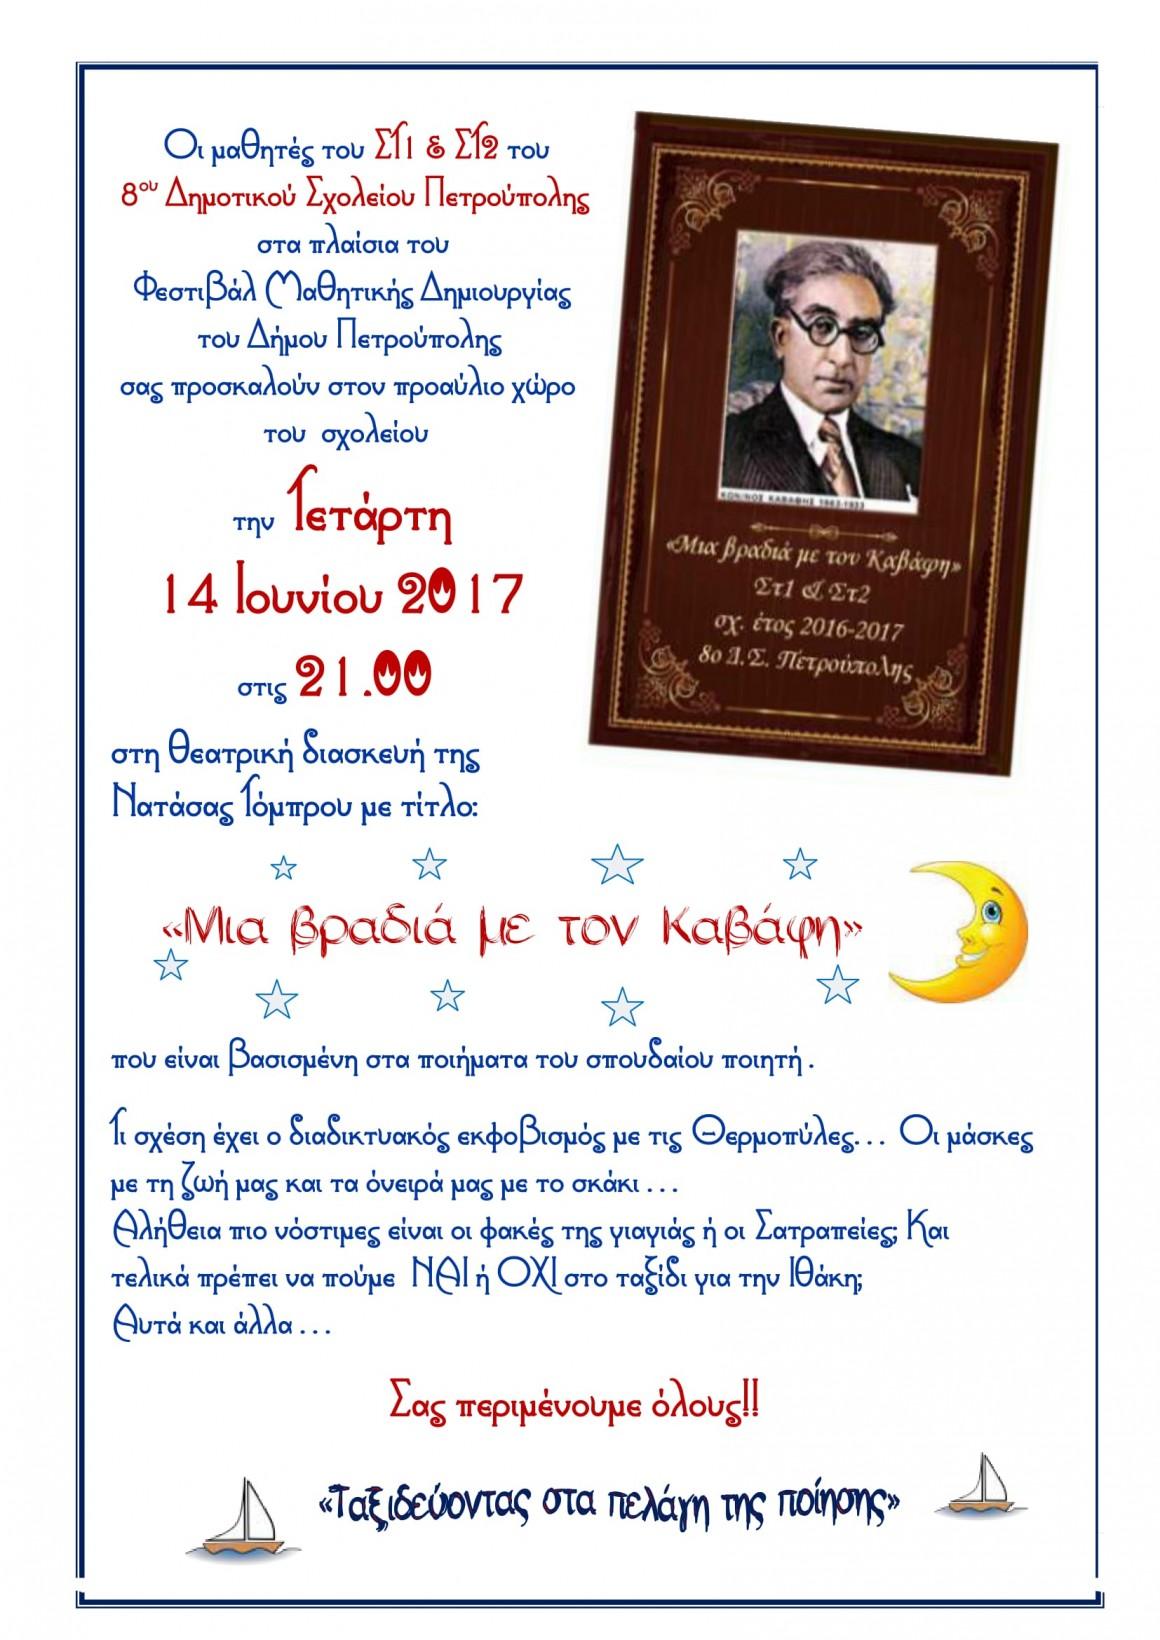 ΑΦΙΣΑ -ΜΙΑ-ΒΡΑΔΙΑ-ΜΕ-ΤΟΝ-ΚΑΒΑΦΗ-14-6-2017-1